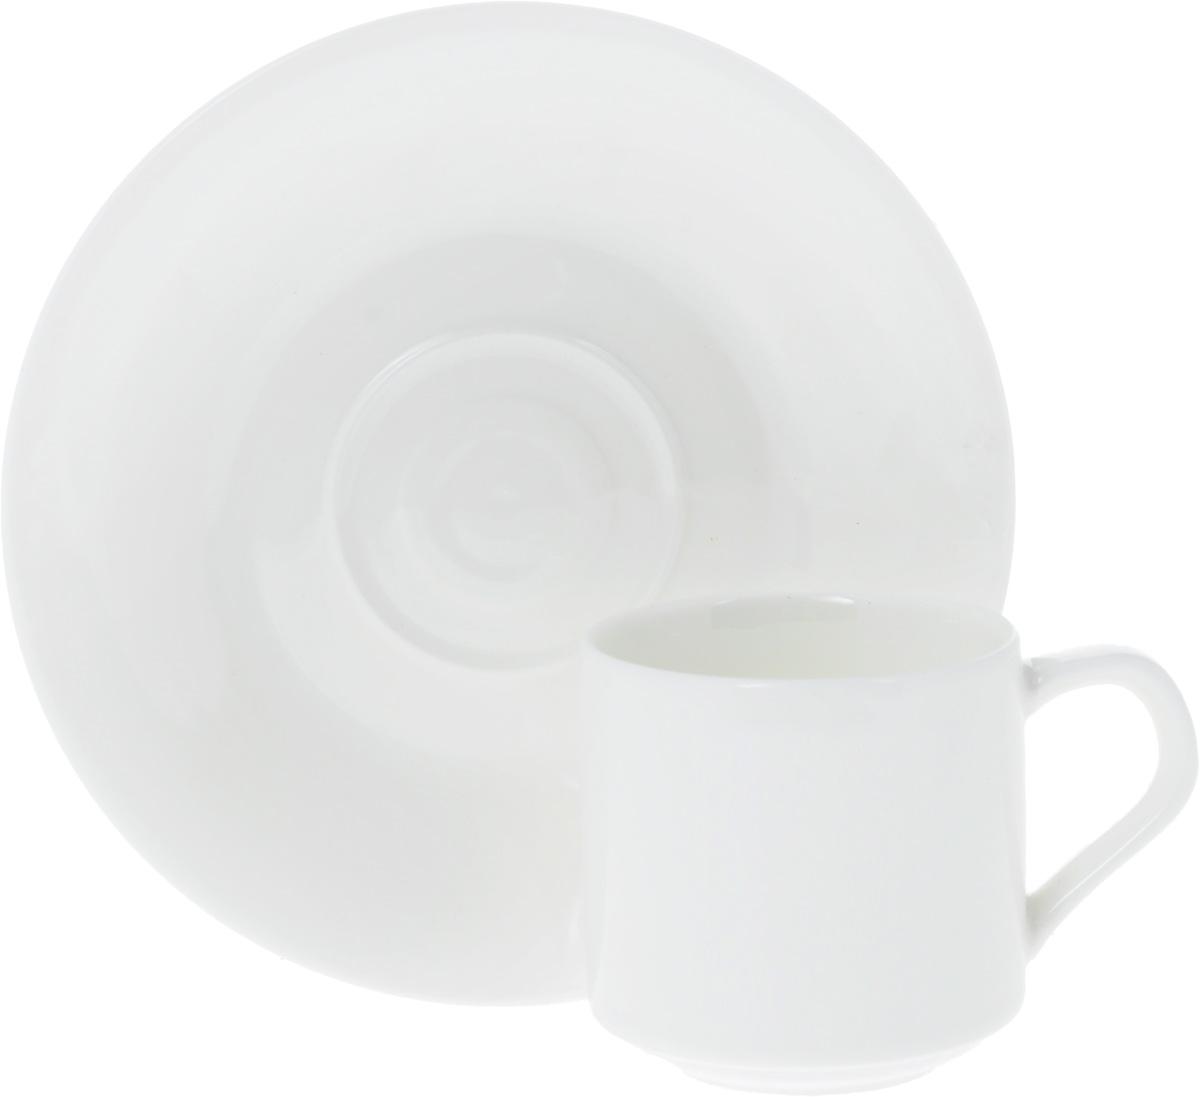 Кофейная пара Wilmax, 2 предмета. WL-993007 / ABWL-993007 / ABКофейная пара Wilmax состоит из чашки и блюдца. Изделия выполнены из высококачественного фарфора, покрытого слоем глазури. Изделия имеют лаконичный дизайн, просты и функциональны в использовании. Кофейная пара Wilmax украсит ваш кухонный стол, а также станет замечательным подарком к любому празднику. Изделия можно мыть в посудомоечной машине и ставить в микроволновую печь. Объем чашки: 90 мл. Диаметр чашки (по верхнему краю): 5,5 см. Высота чашки: 5,5 см. Диаметр блюдца: 13,5 см.